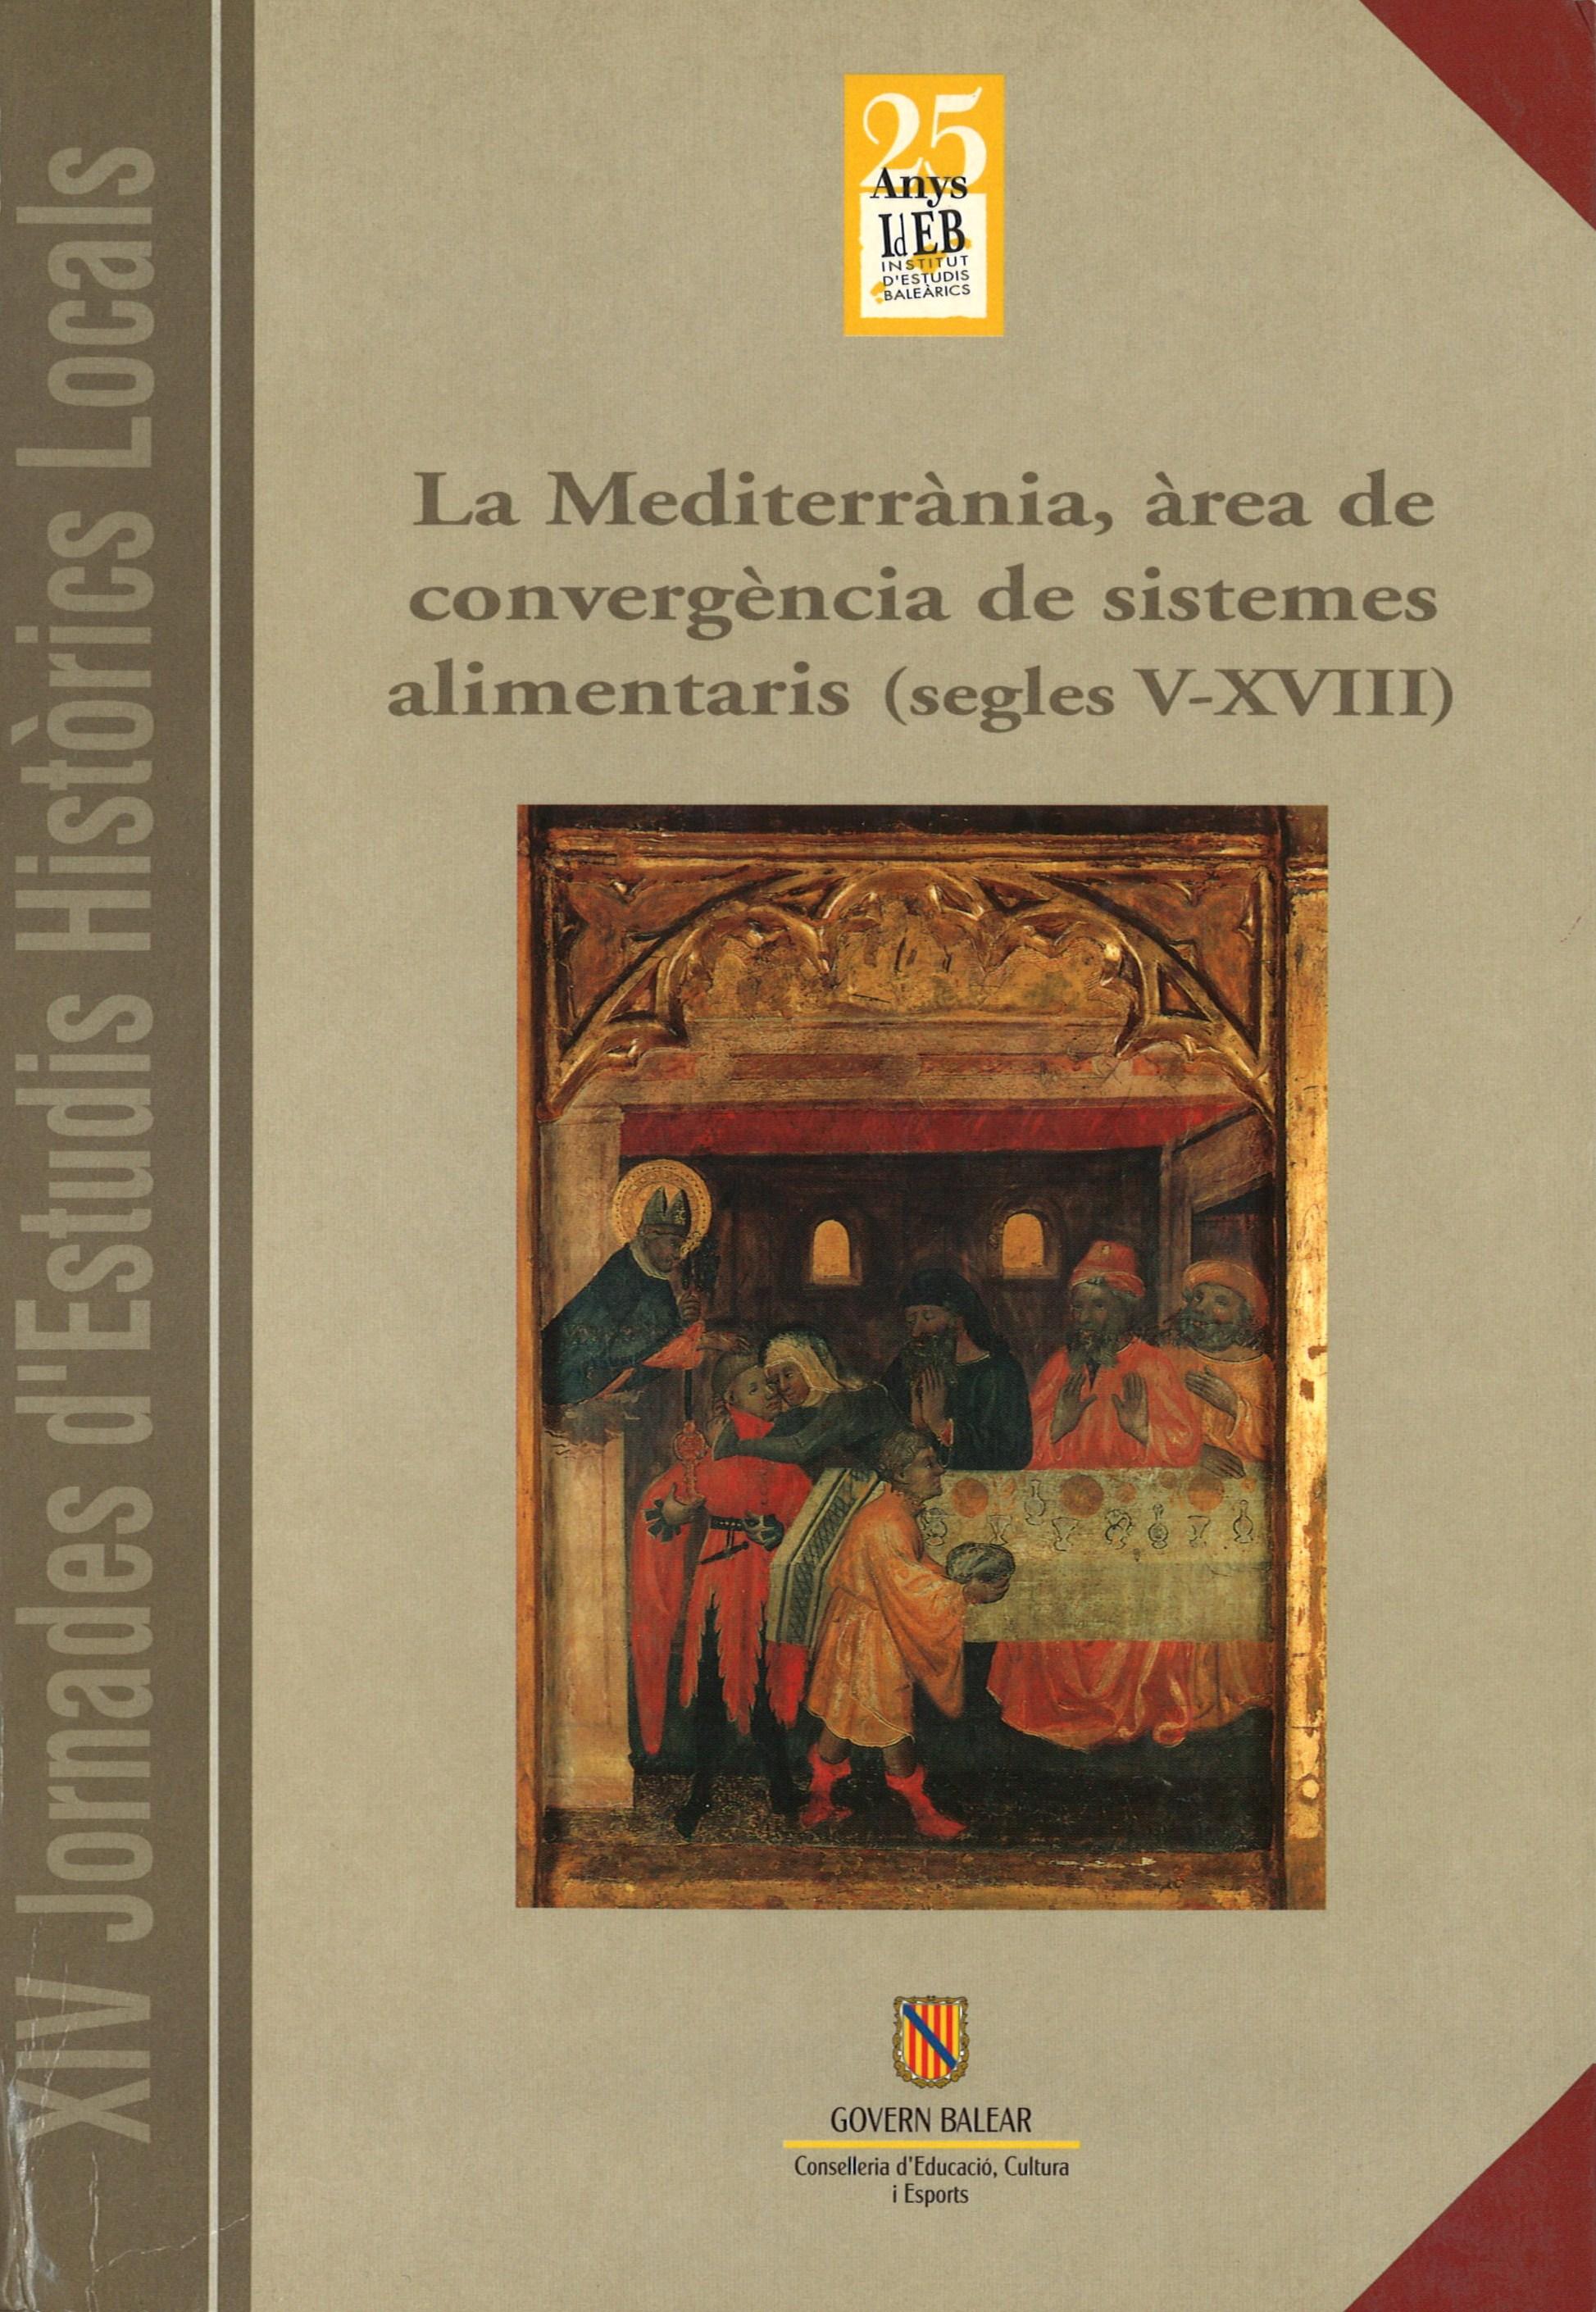 LA MEDITERRÀNIA, ÀREA DE CONVERGÈNCIA DE SISTEMES ALIMENTARIS (SEGLES V - XVIII) (XIV JORNADES D'ESTUDIS HISTÒRICS LOCALS (29 novembre- 2 desembre 1995))